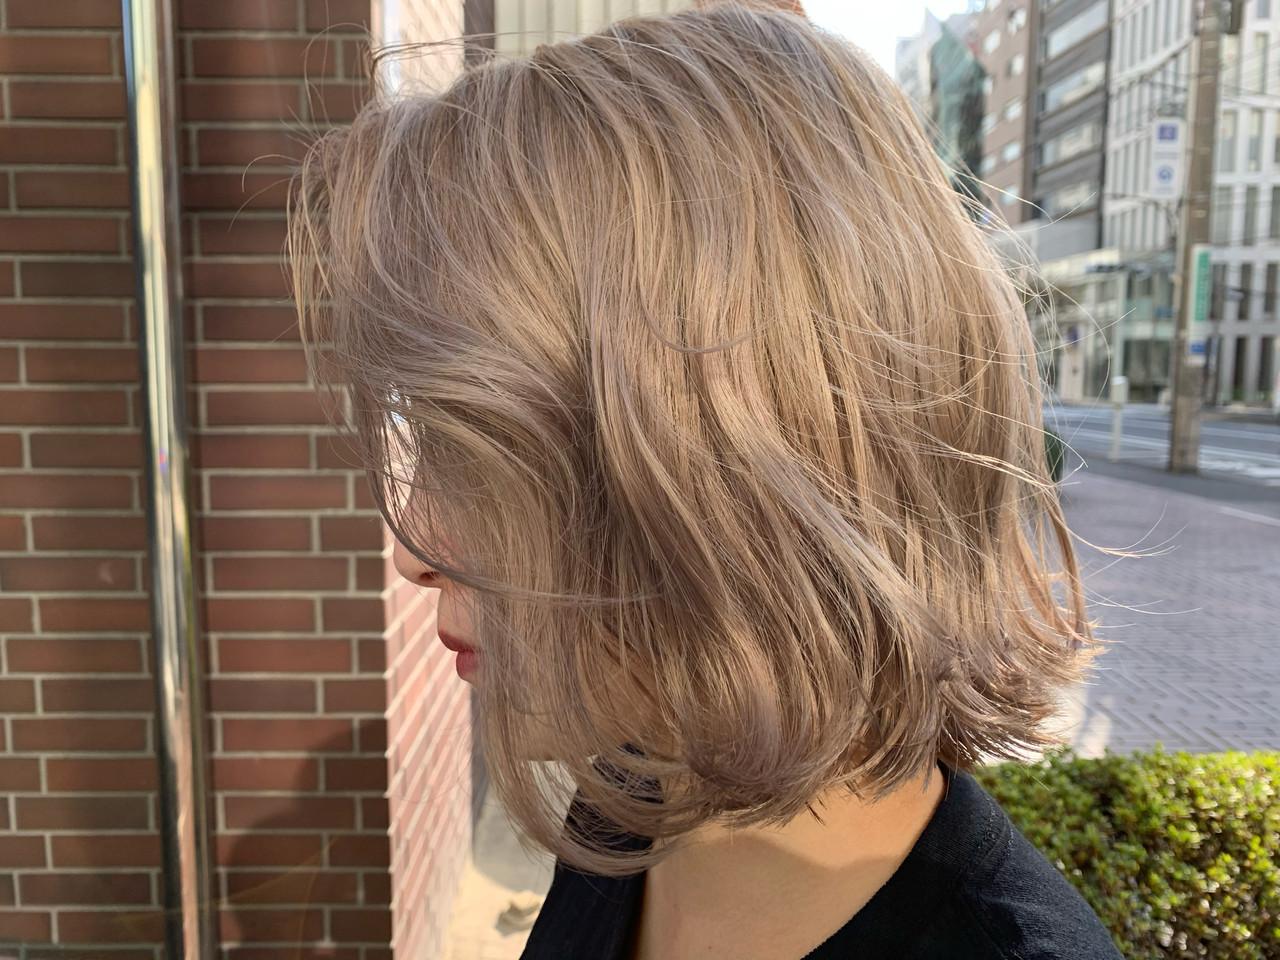 ハイトーンカラー ミニボブ モテボブ ボブ ヘアスタイルや髪型の写真・画像